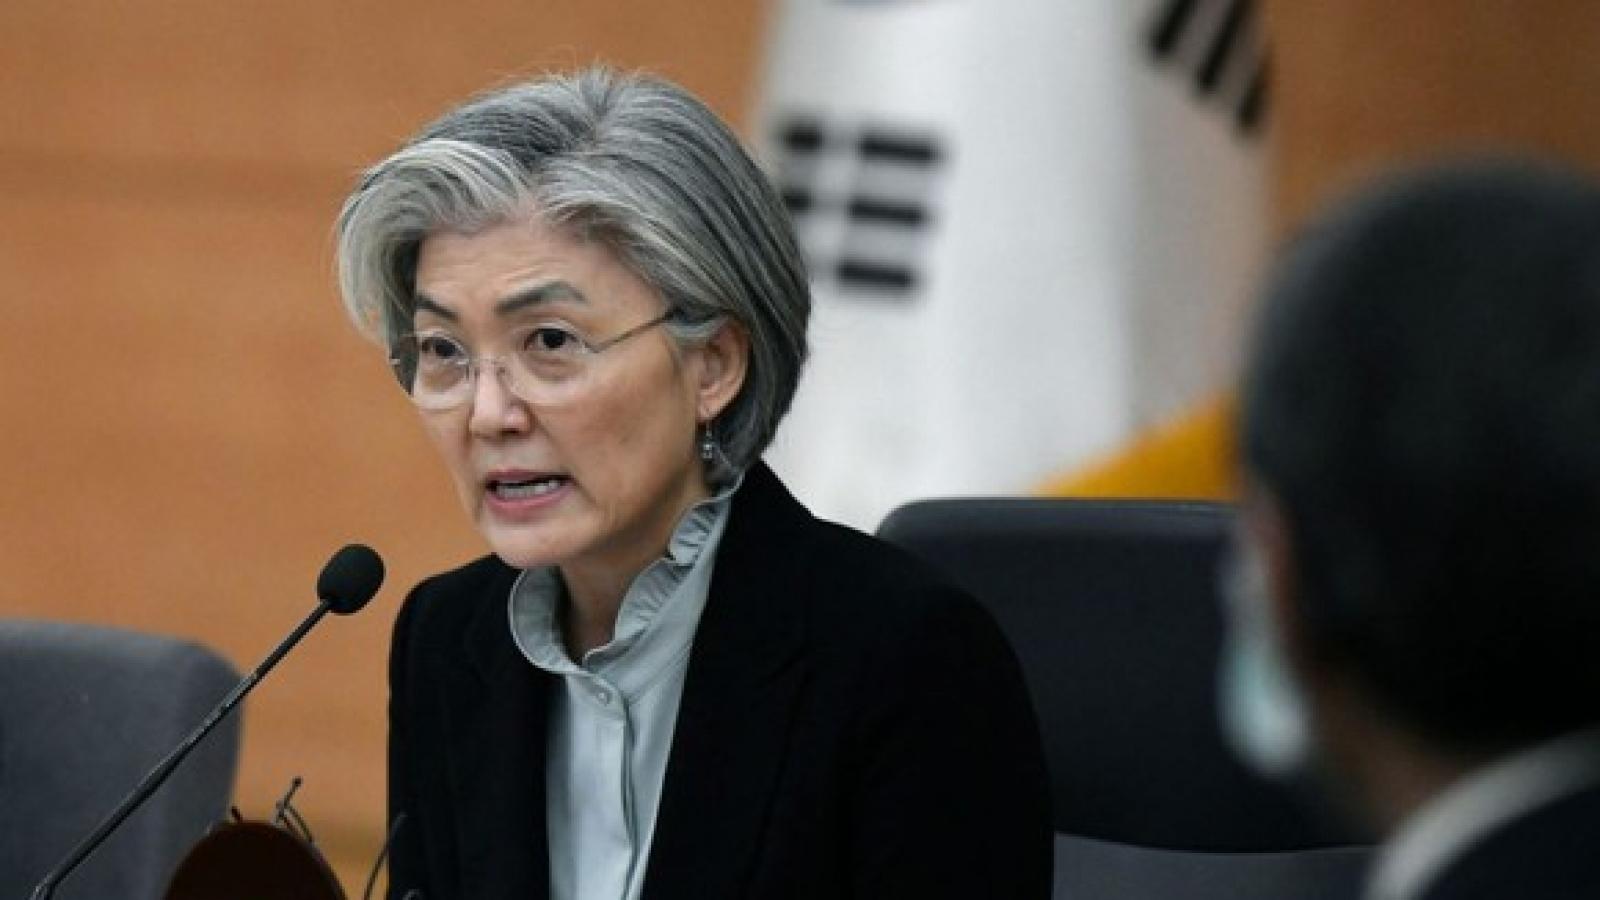 Ngoại trưởng Hàn Quốc: Chính quyền Biden sẽ không kiên nhẫn với Triều Tiên